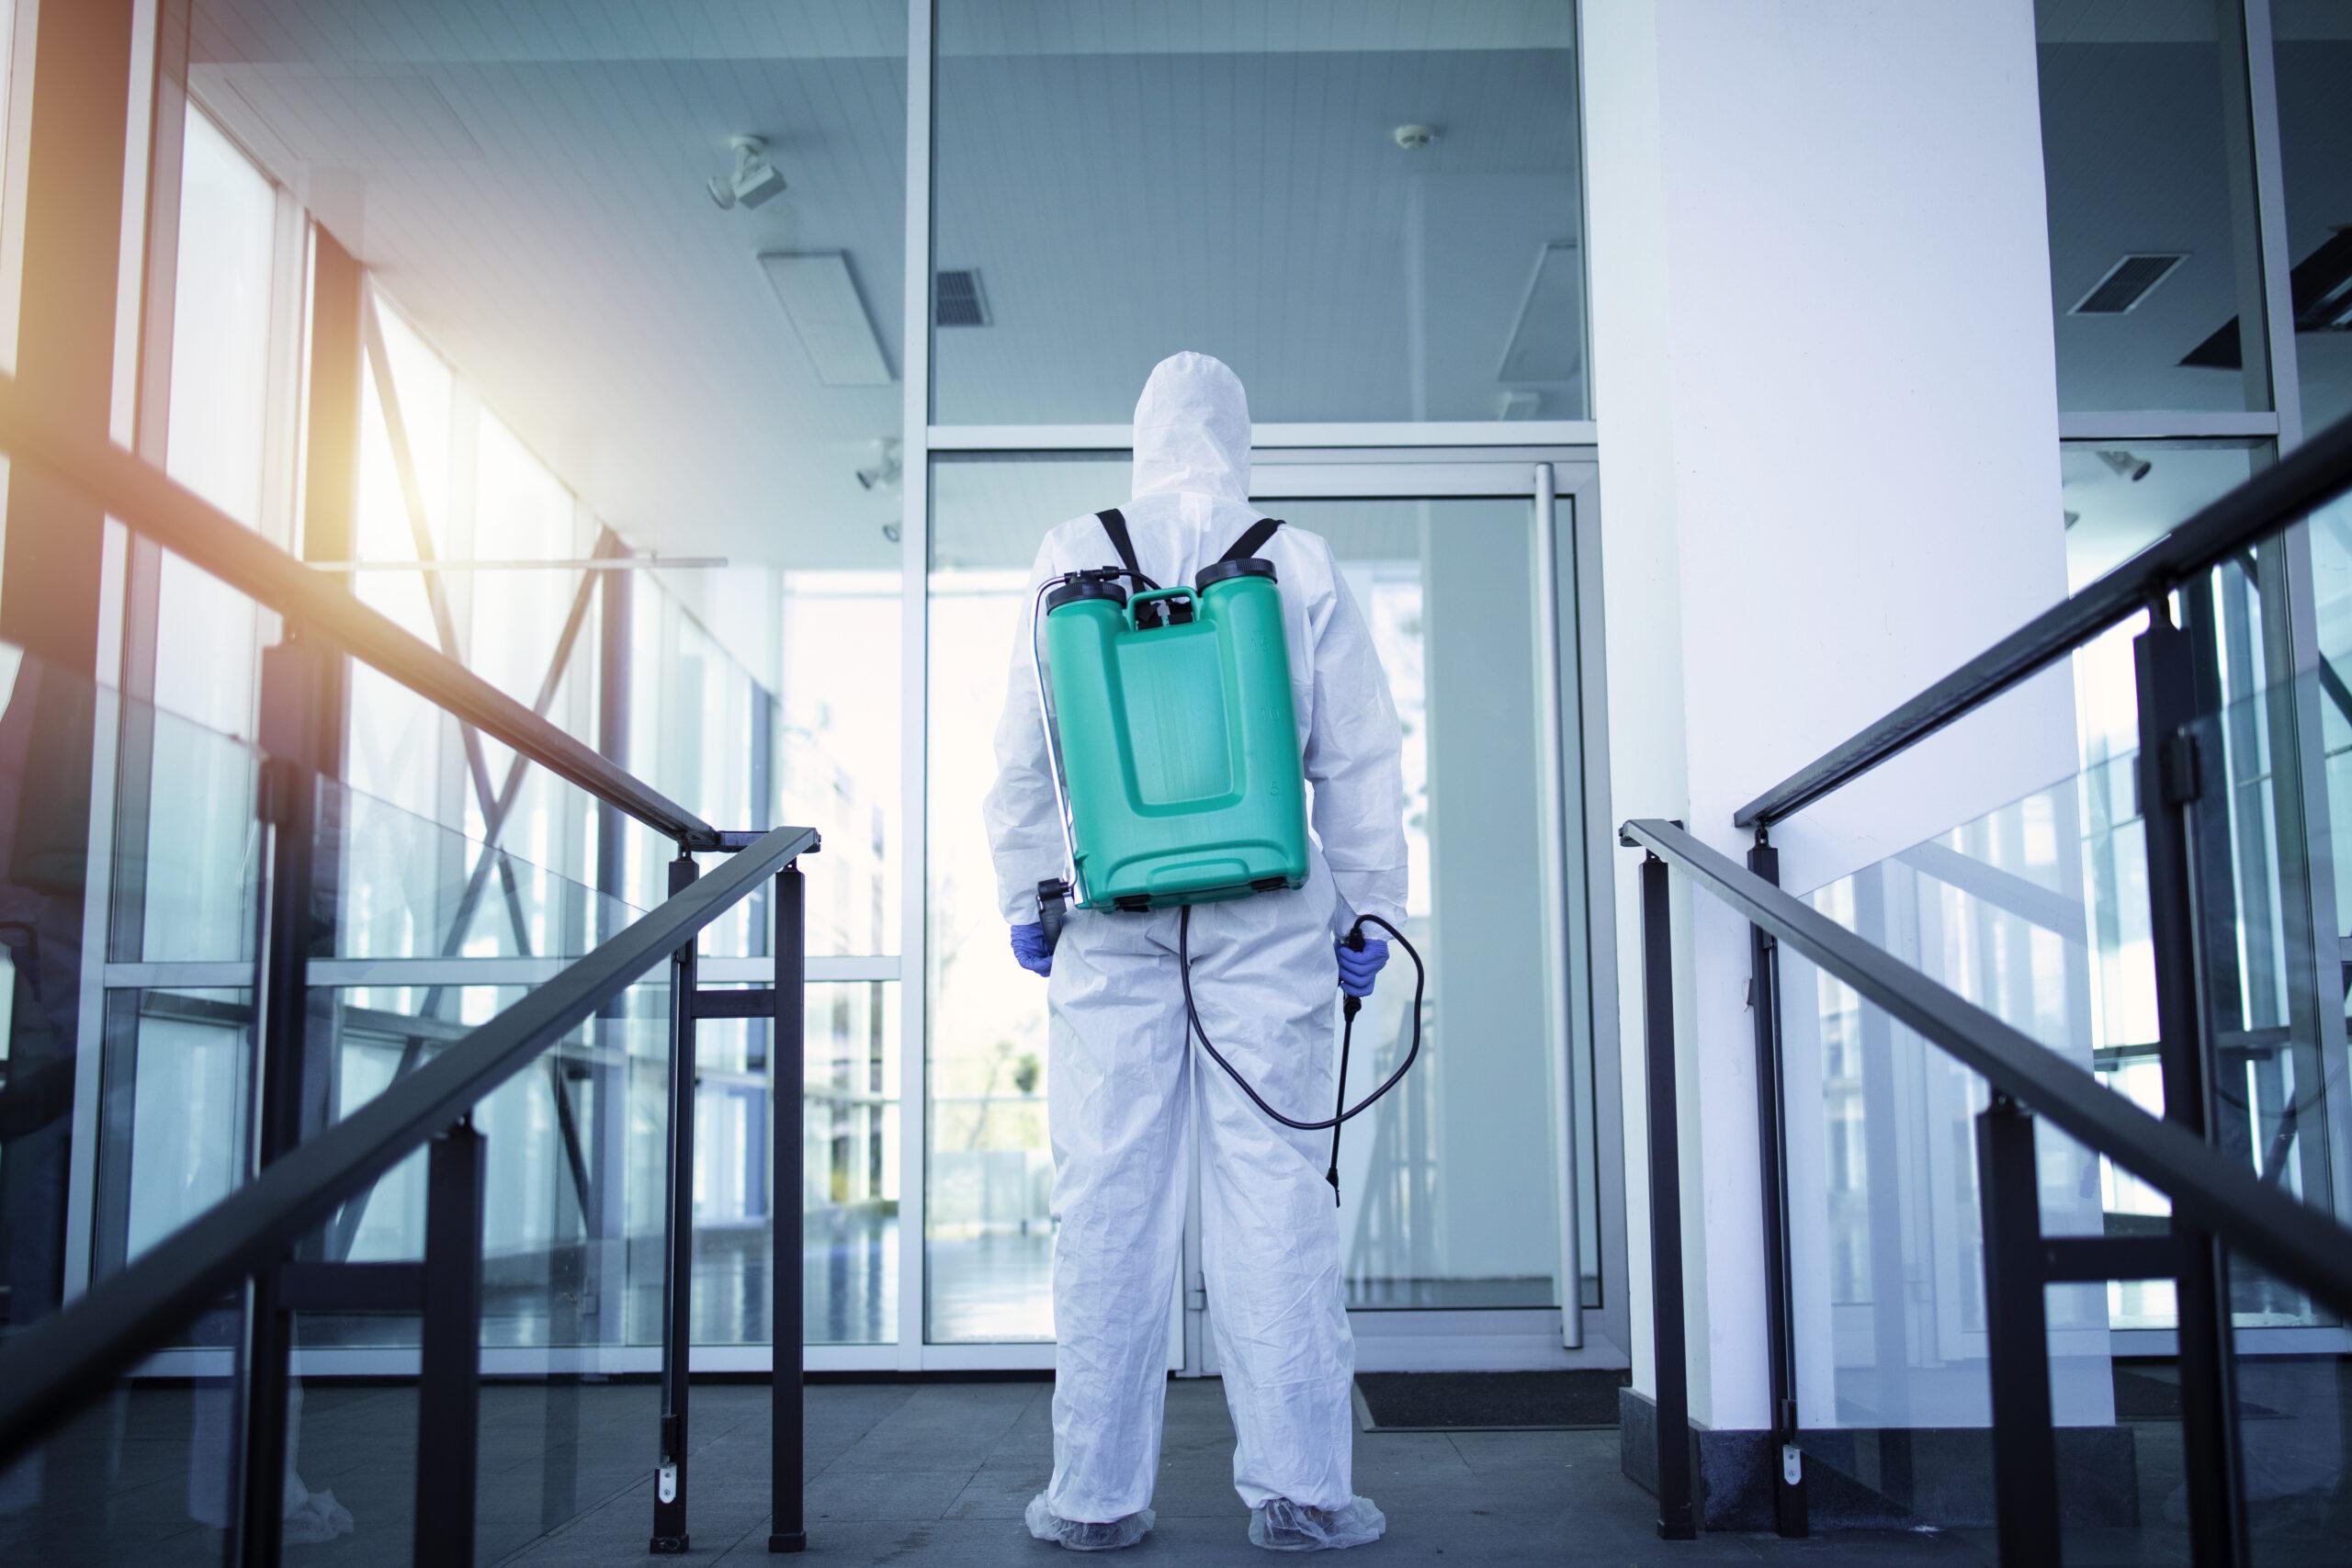 Facilities no cenário pós-pandemia: entenda por que essa solução é importante